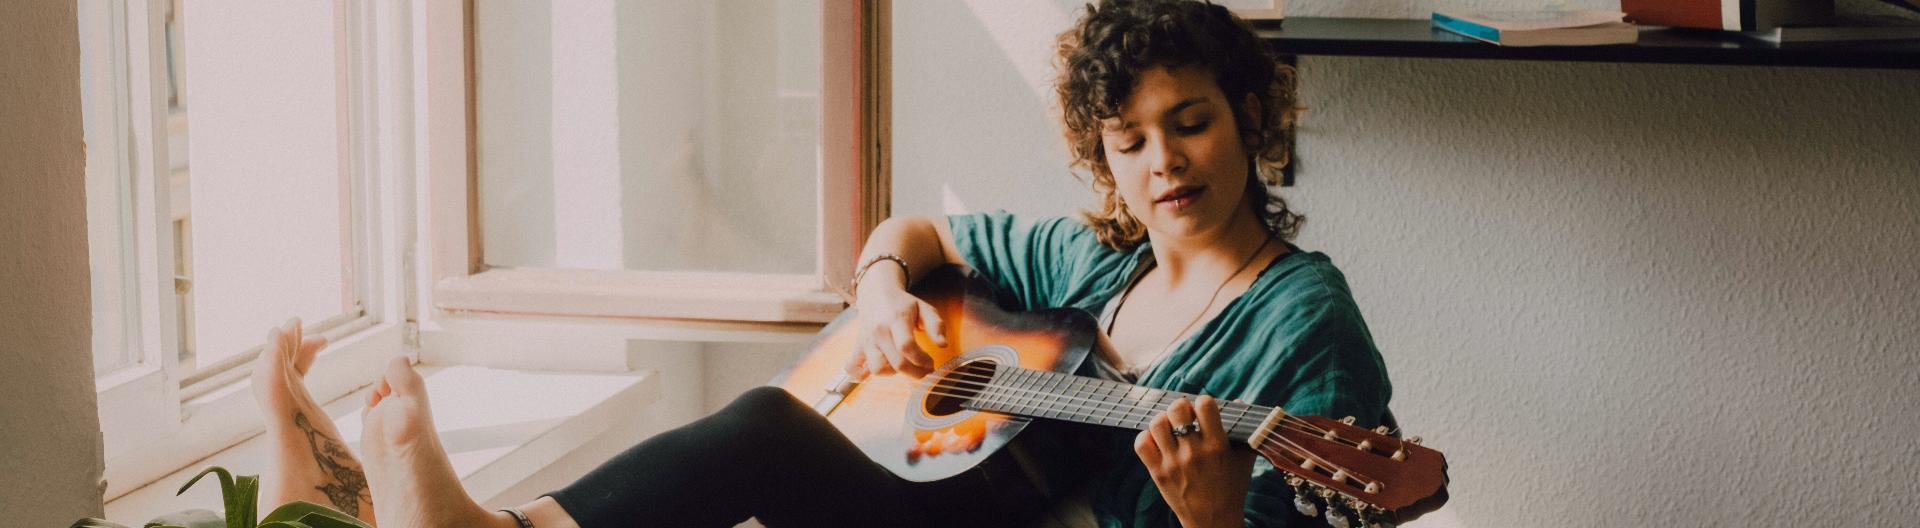 Junge Frau sitzt am Fenster und spielt Gitarre